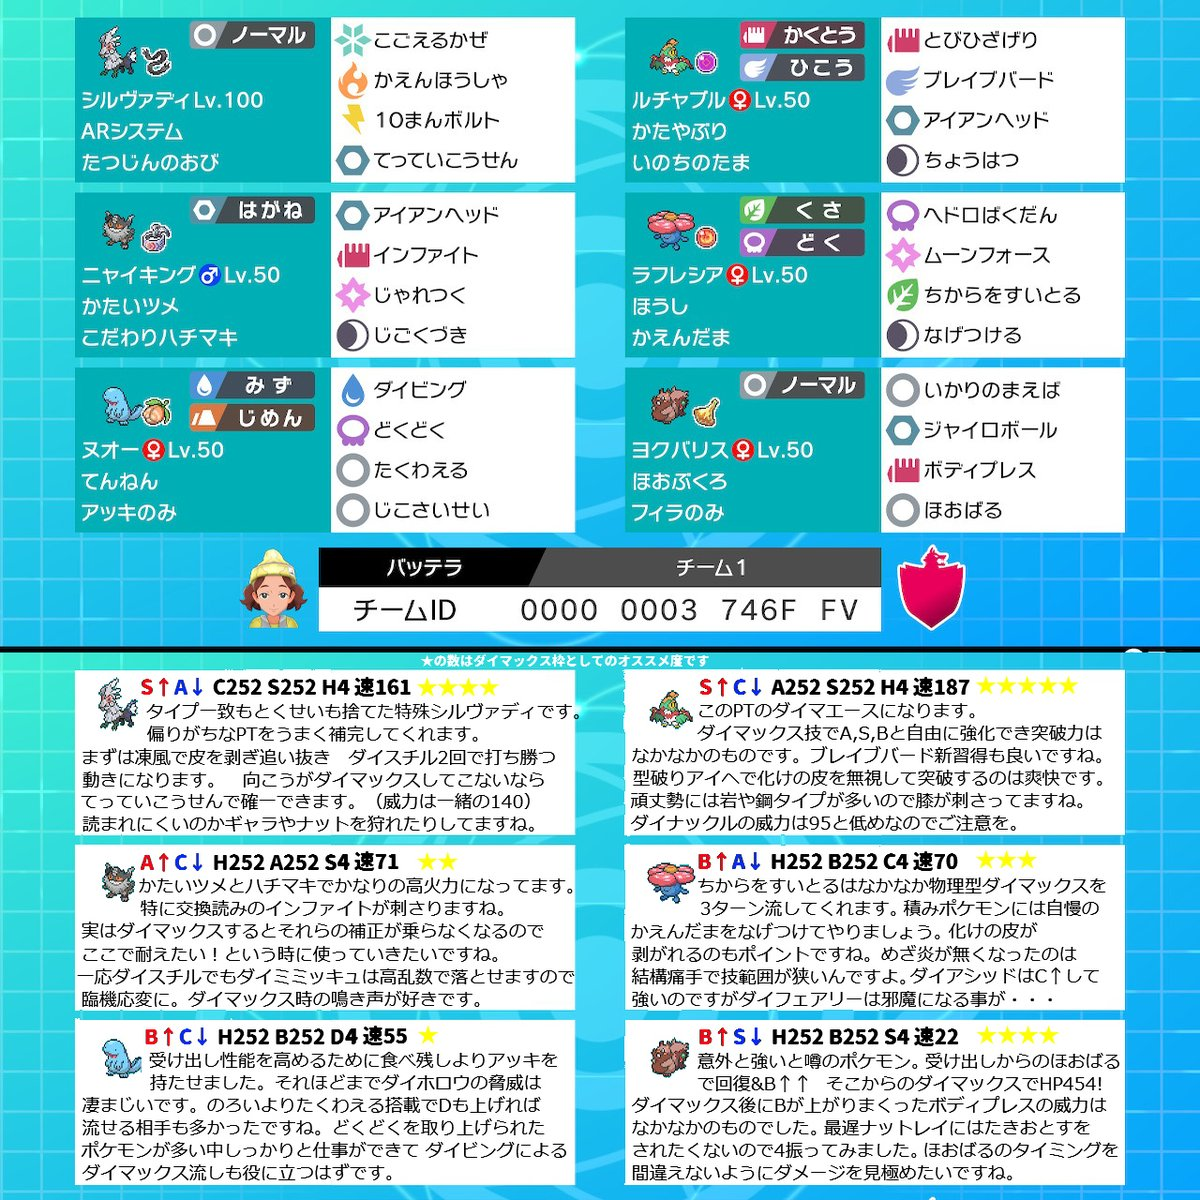 オススメ パーティー 剣 盾 ポケモン 【ポケモン剣盾】最強パーティ【2021年7月更新】